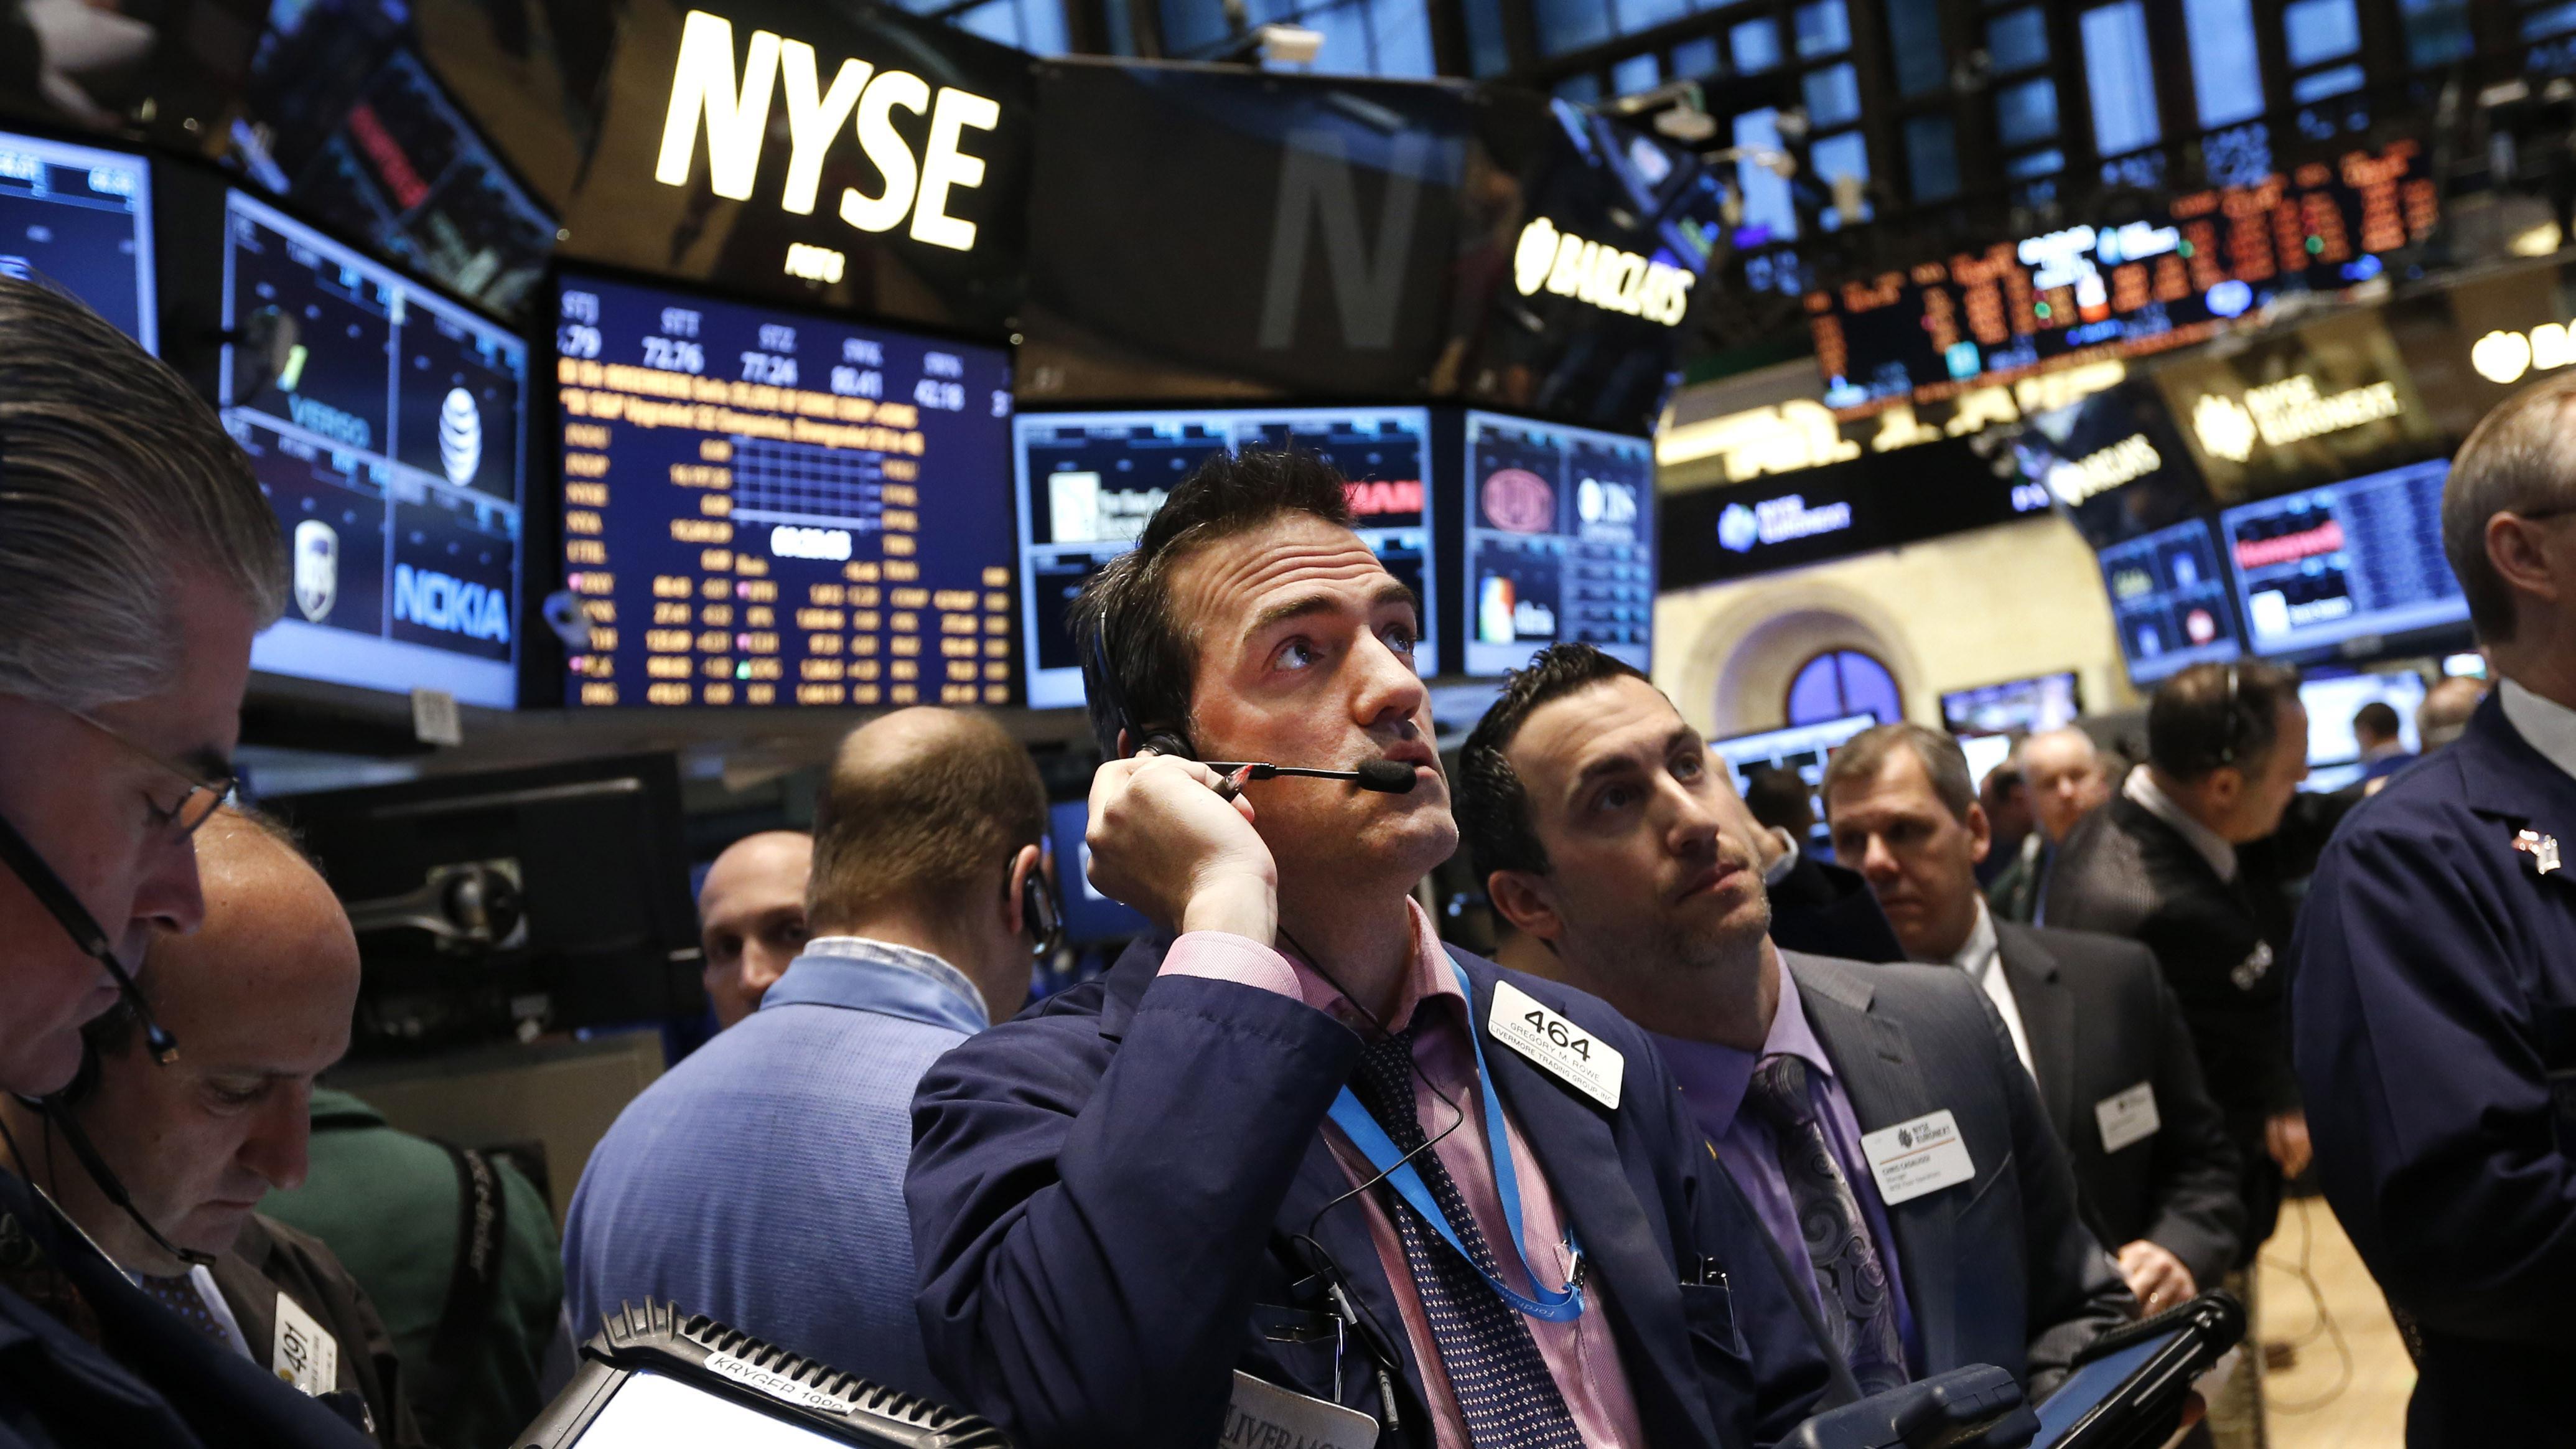 картинки про фондовый рынок детали плёнке